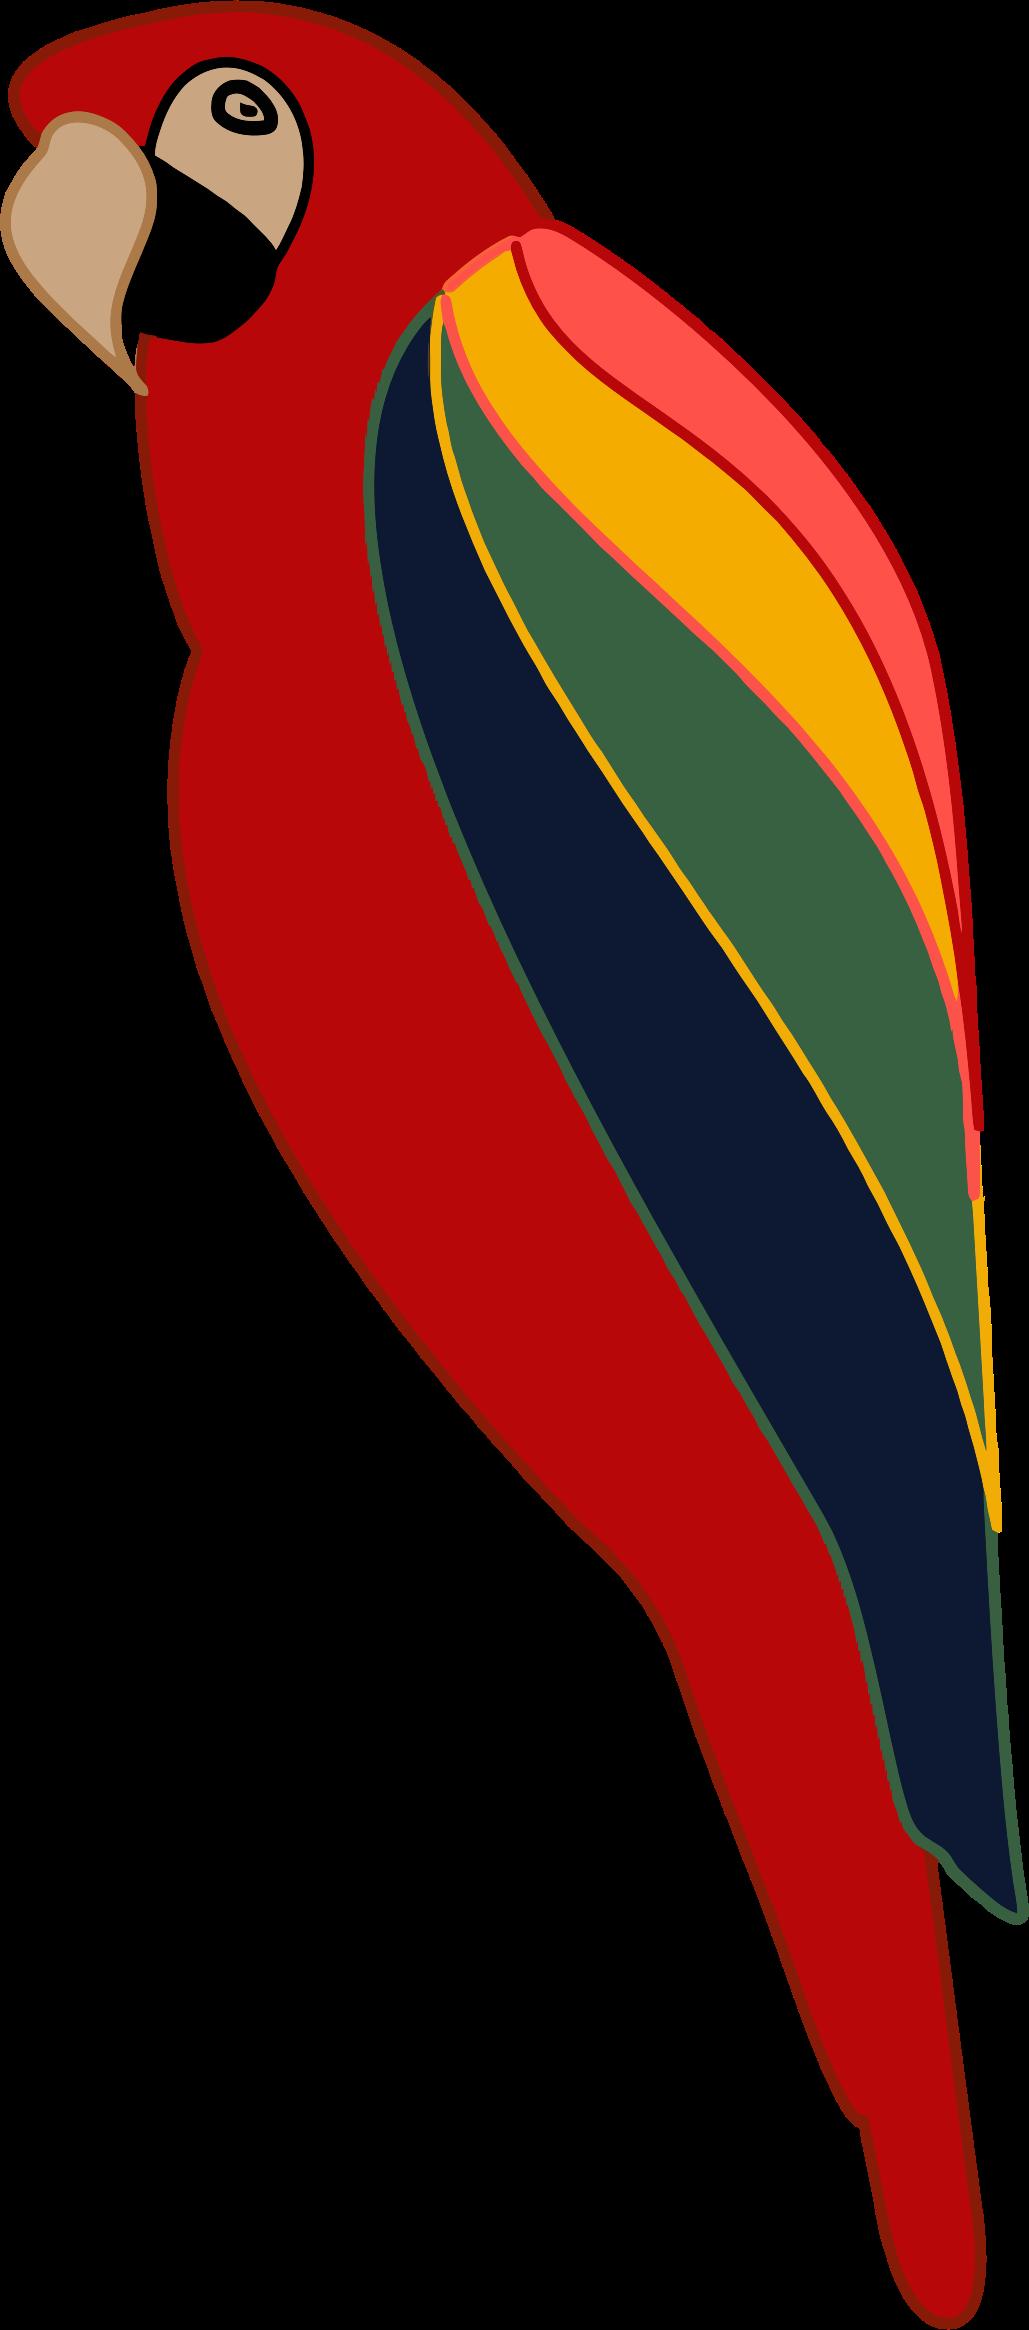 D20 clipart stylized. Parrot